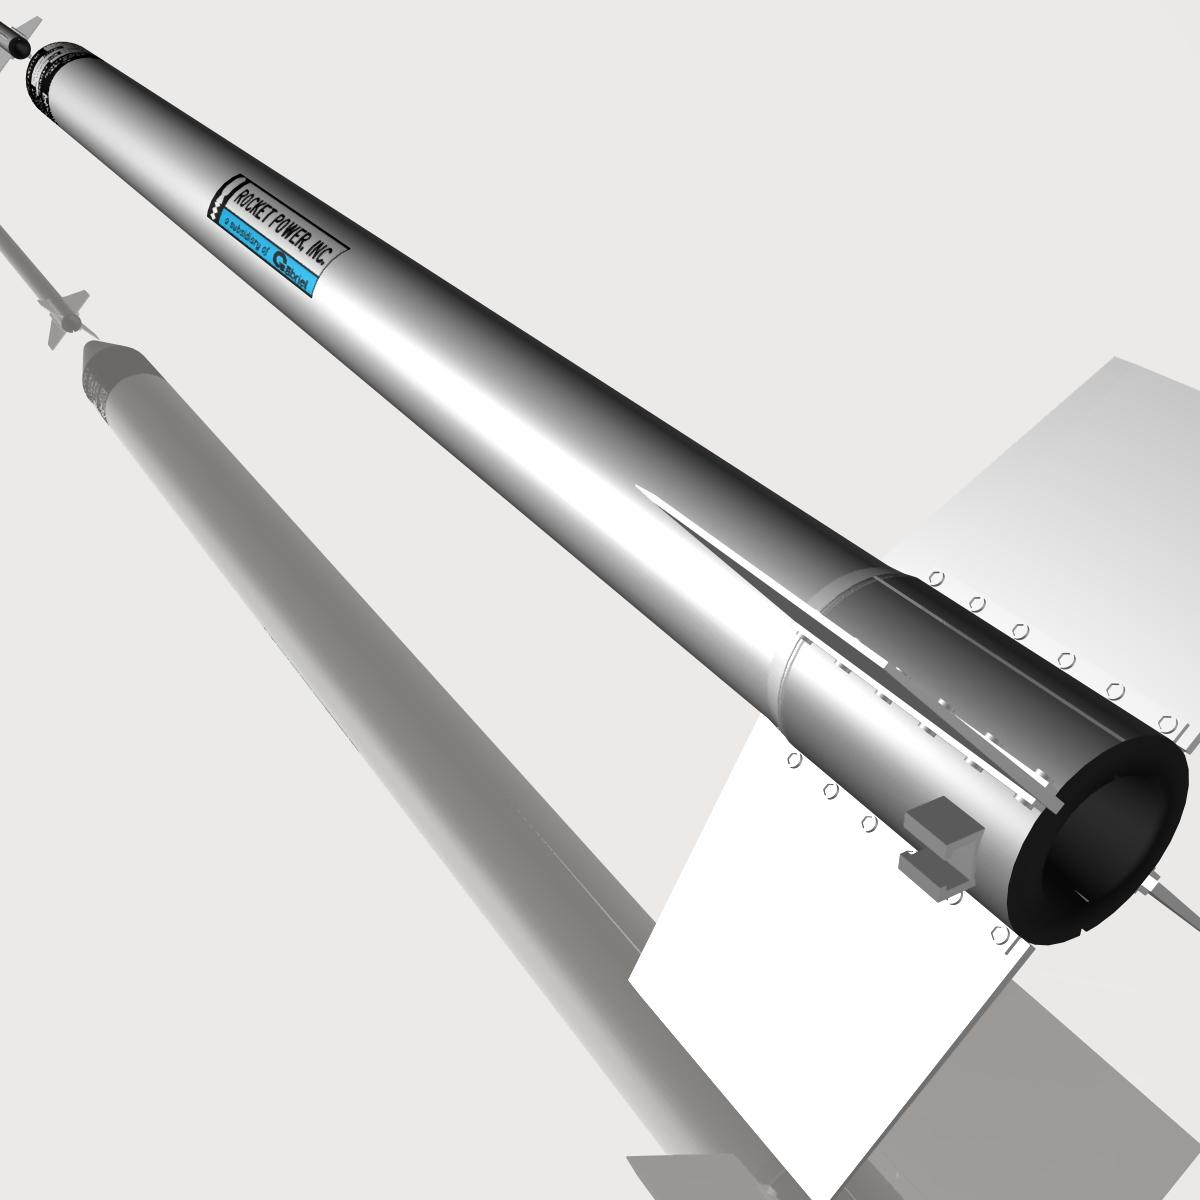 ni roced hopi dart 3d model 3ds dxf cob x obj 152650